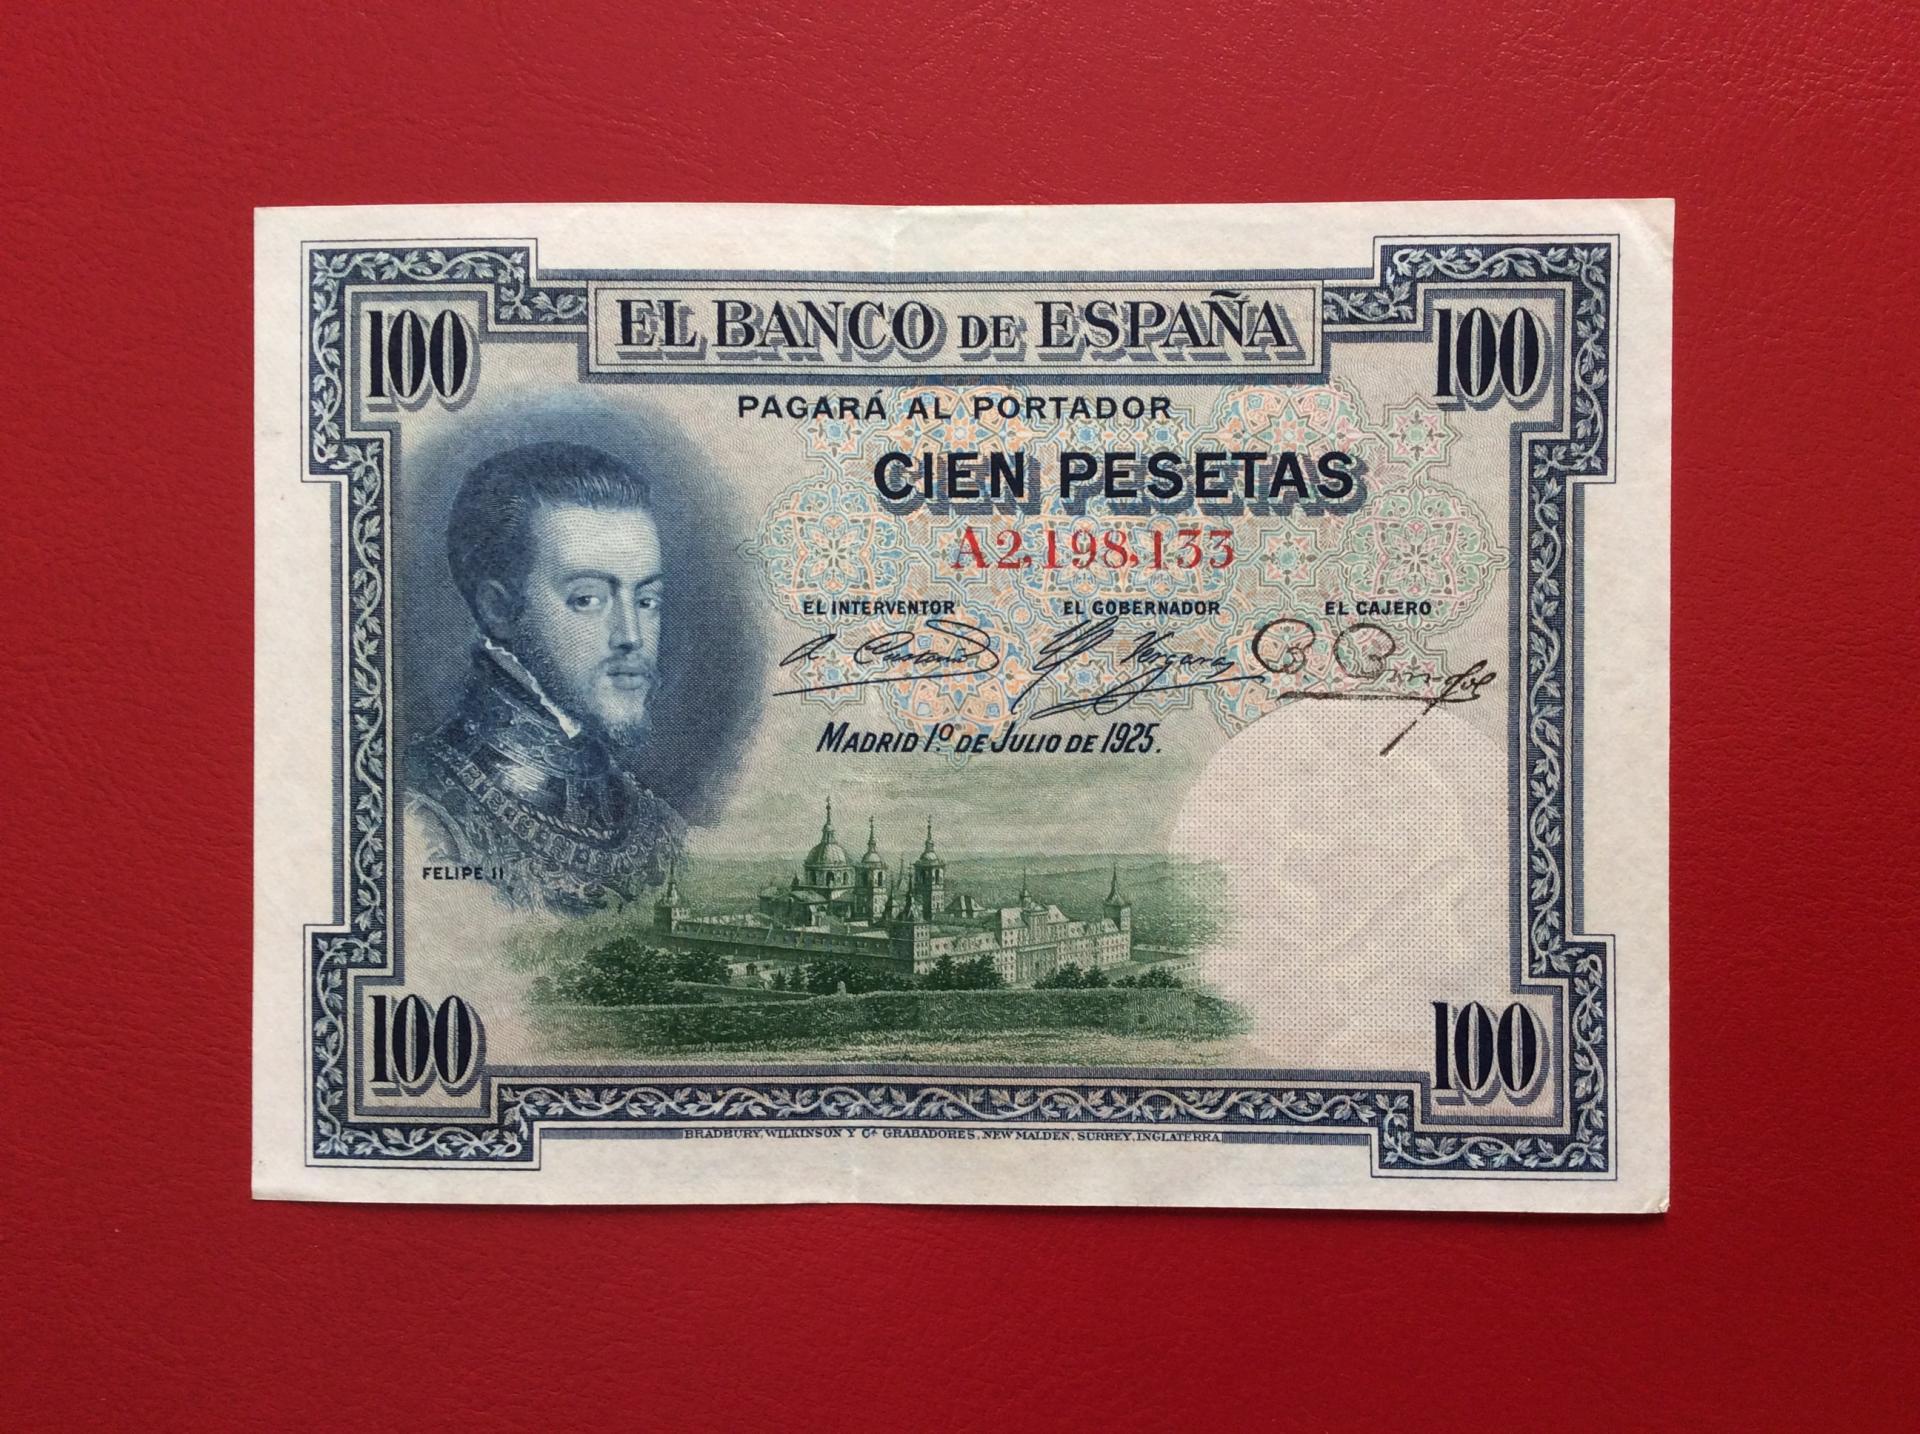 100 PESETAS 1925 - SERIE A - FELIPE II - EXCELENTE CONSERVACIÓN